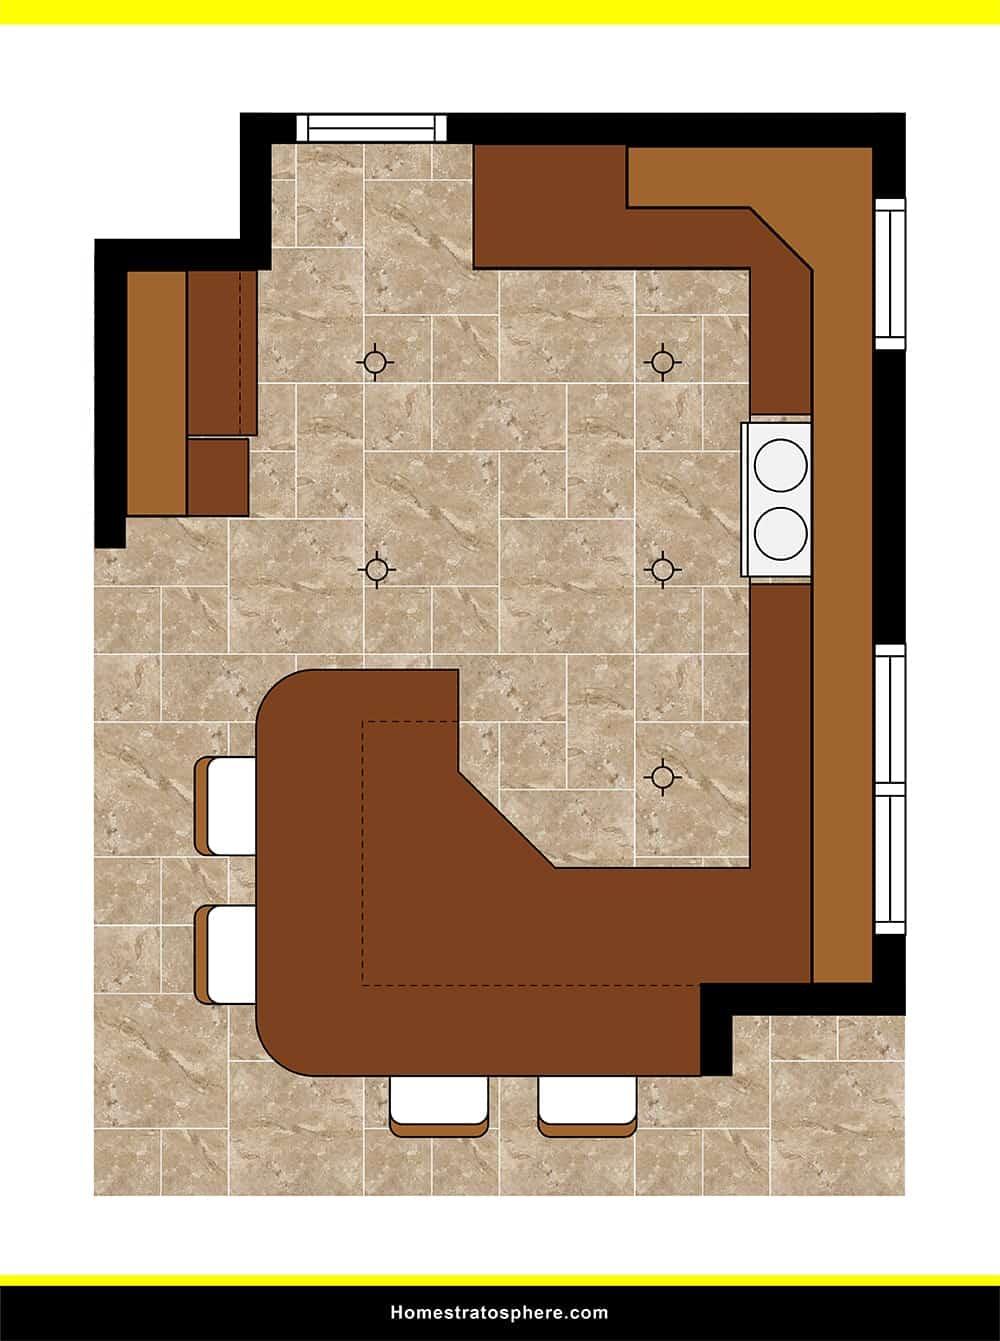 Kitchen 35 layout